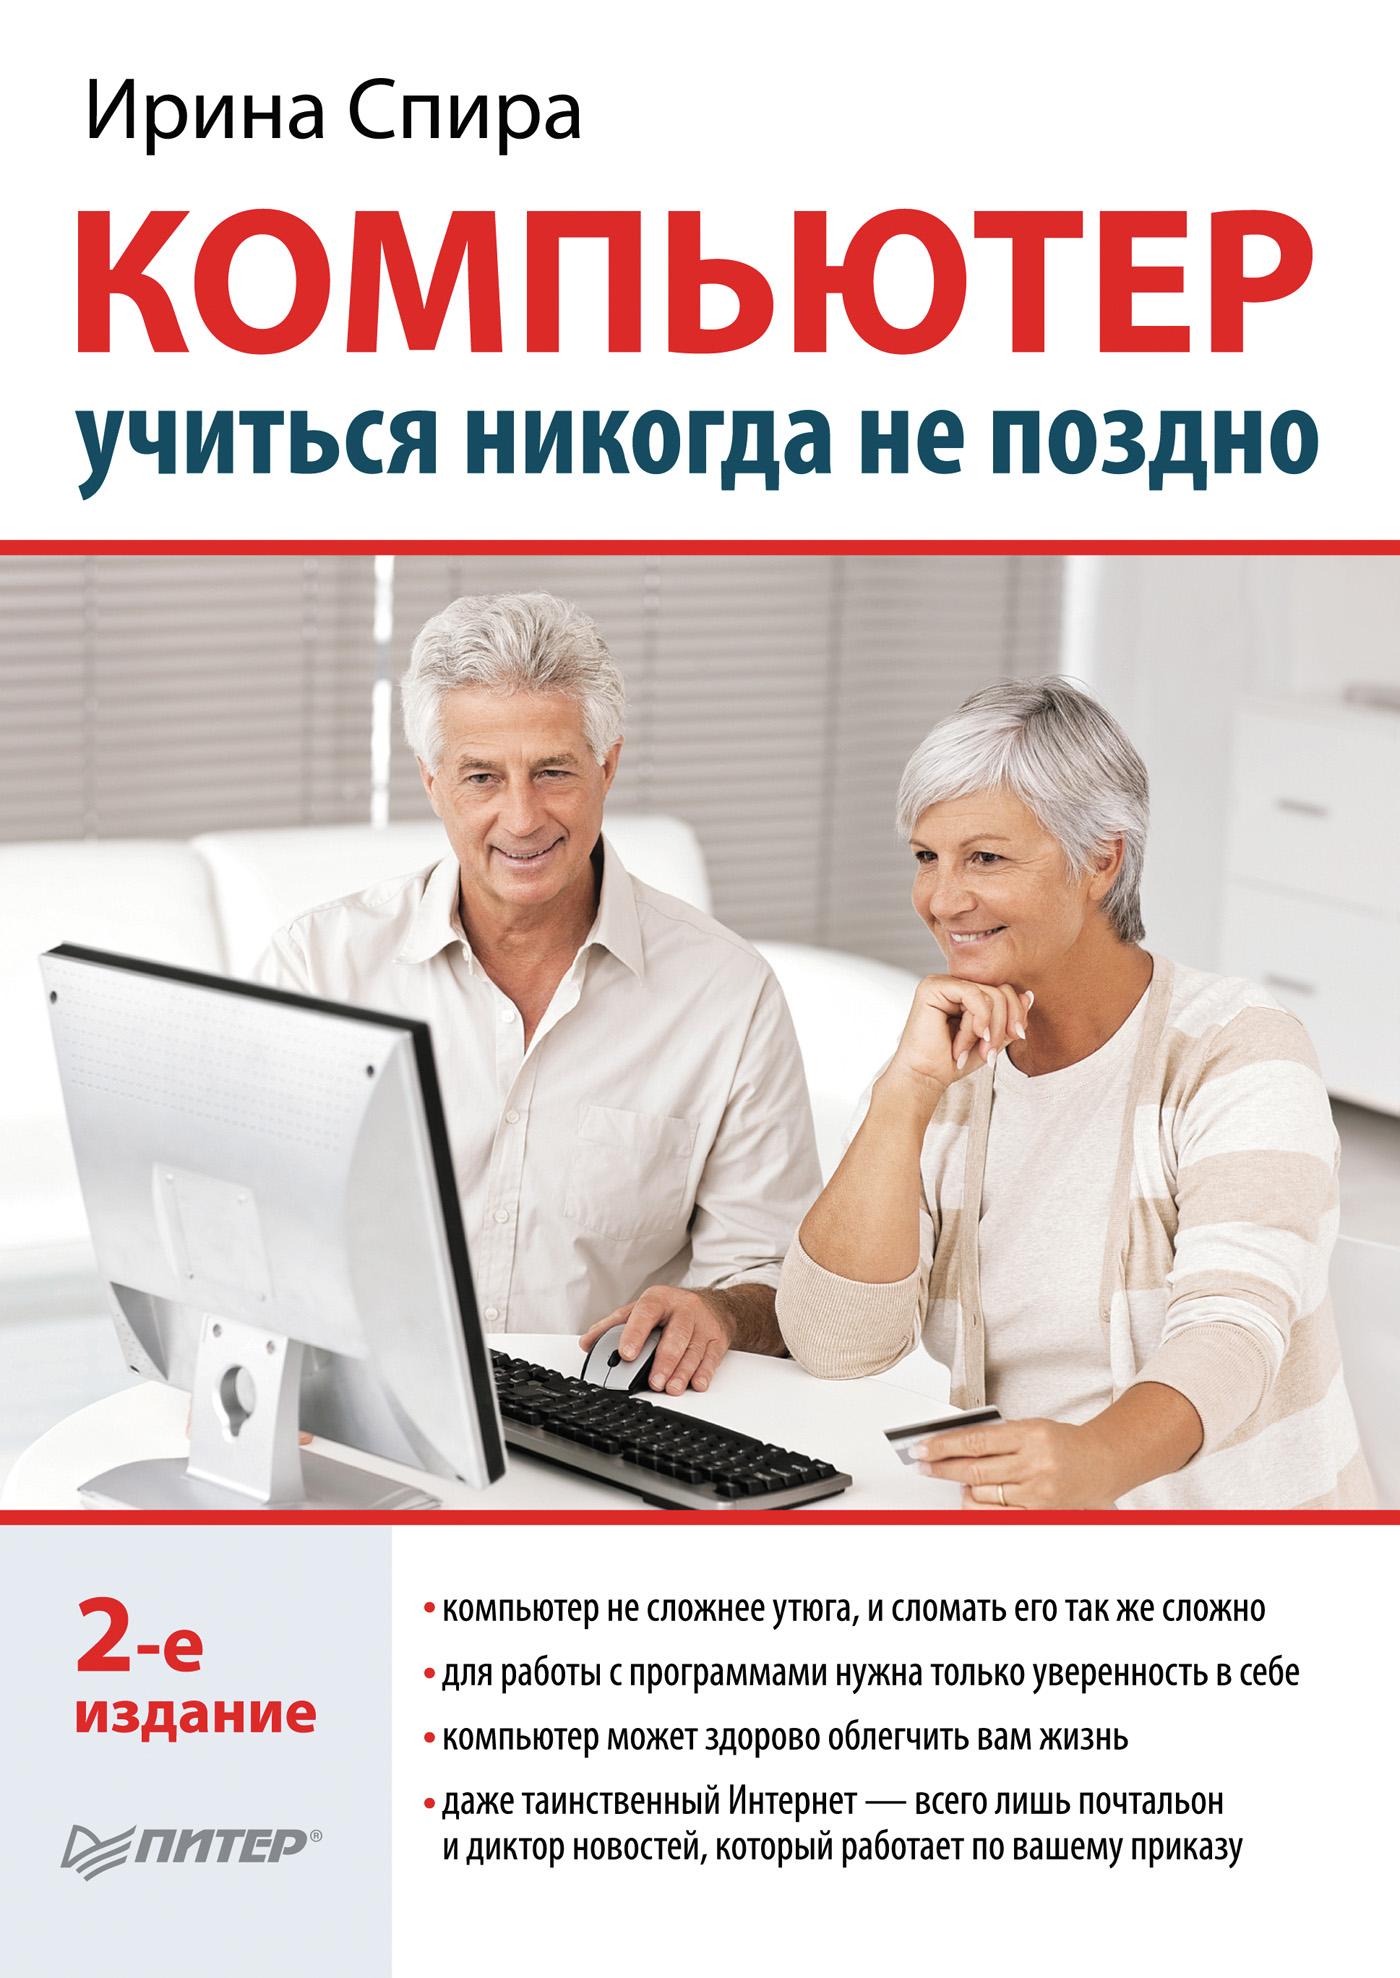 Ирина Спира Компьютер: учиться никогда не поздно спира ирина компьютер учиться никогда не поздно